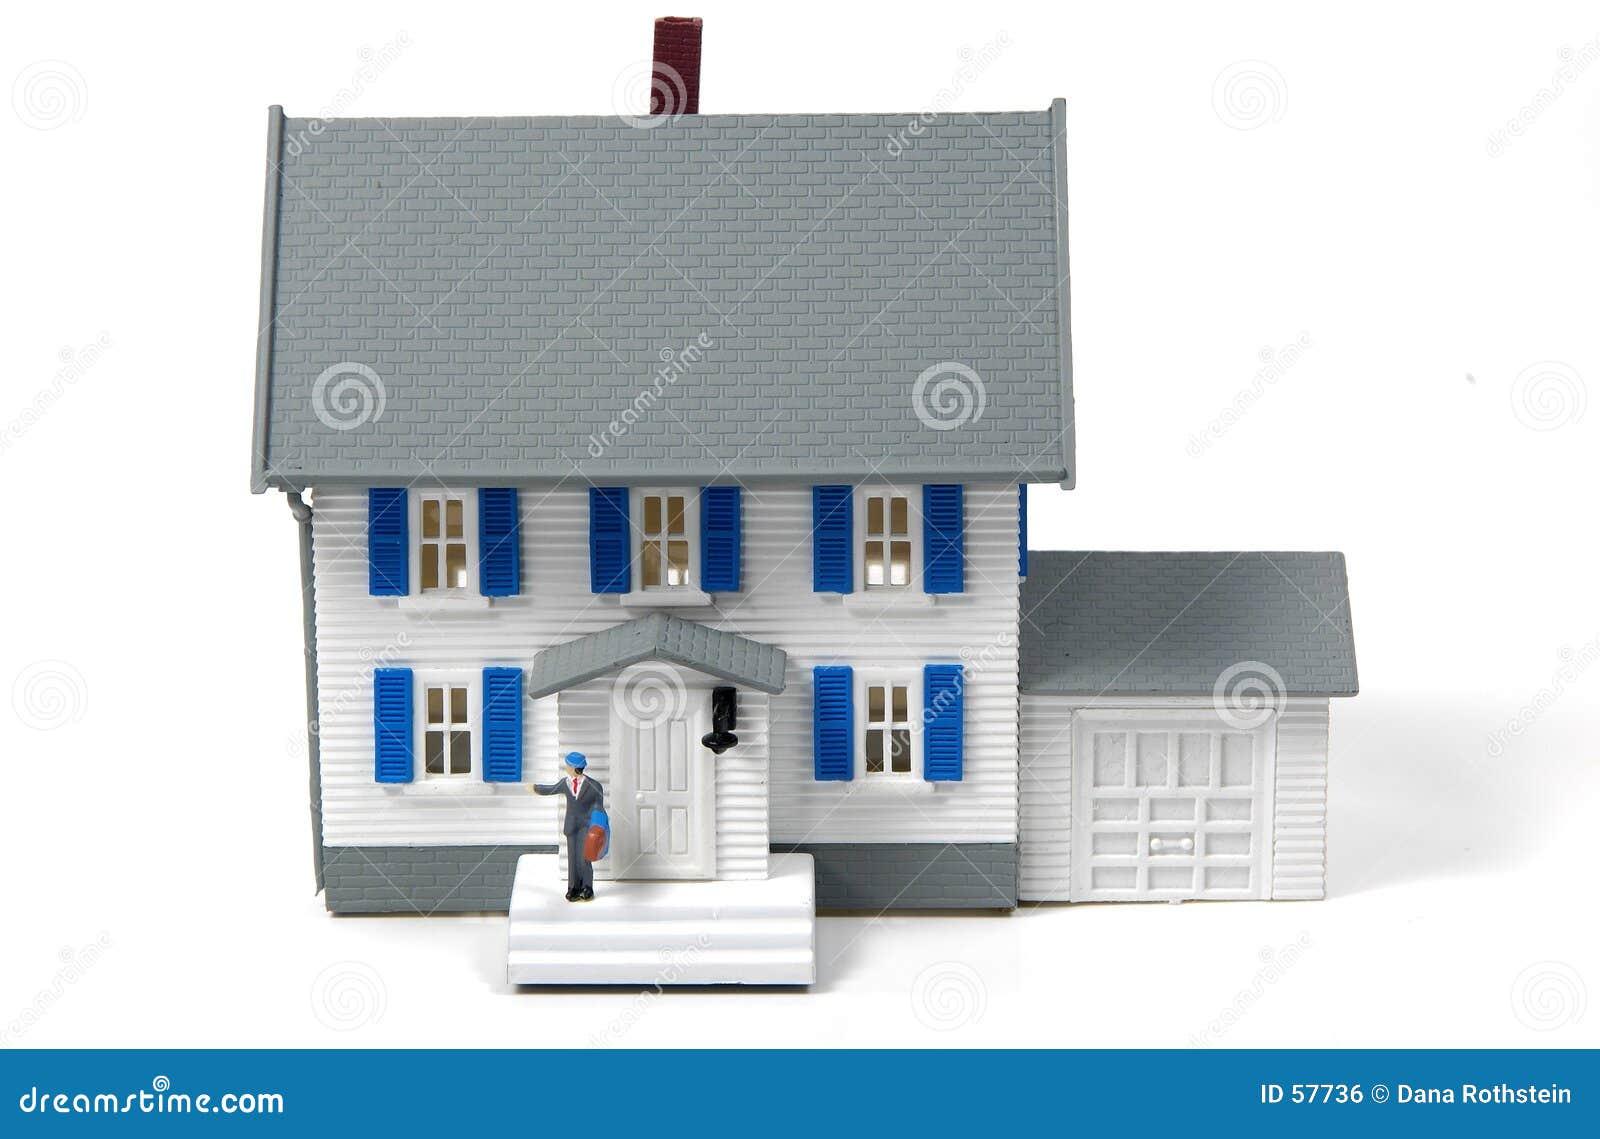 владелец дома